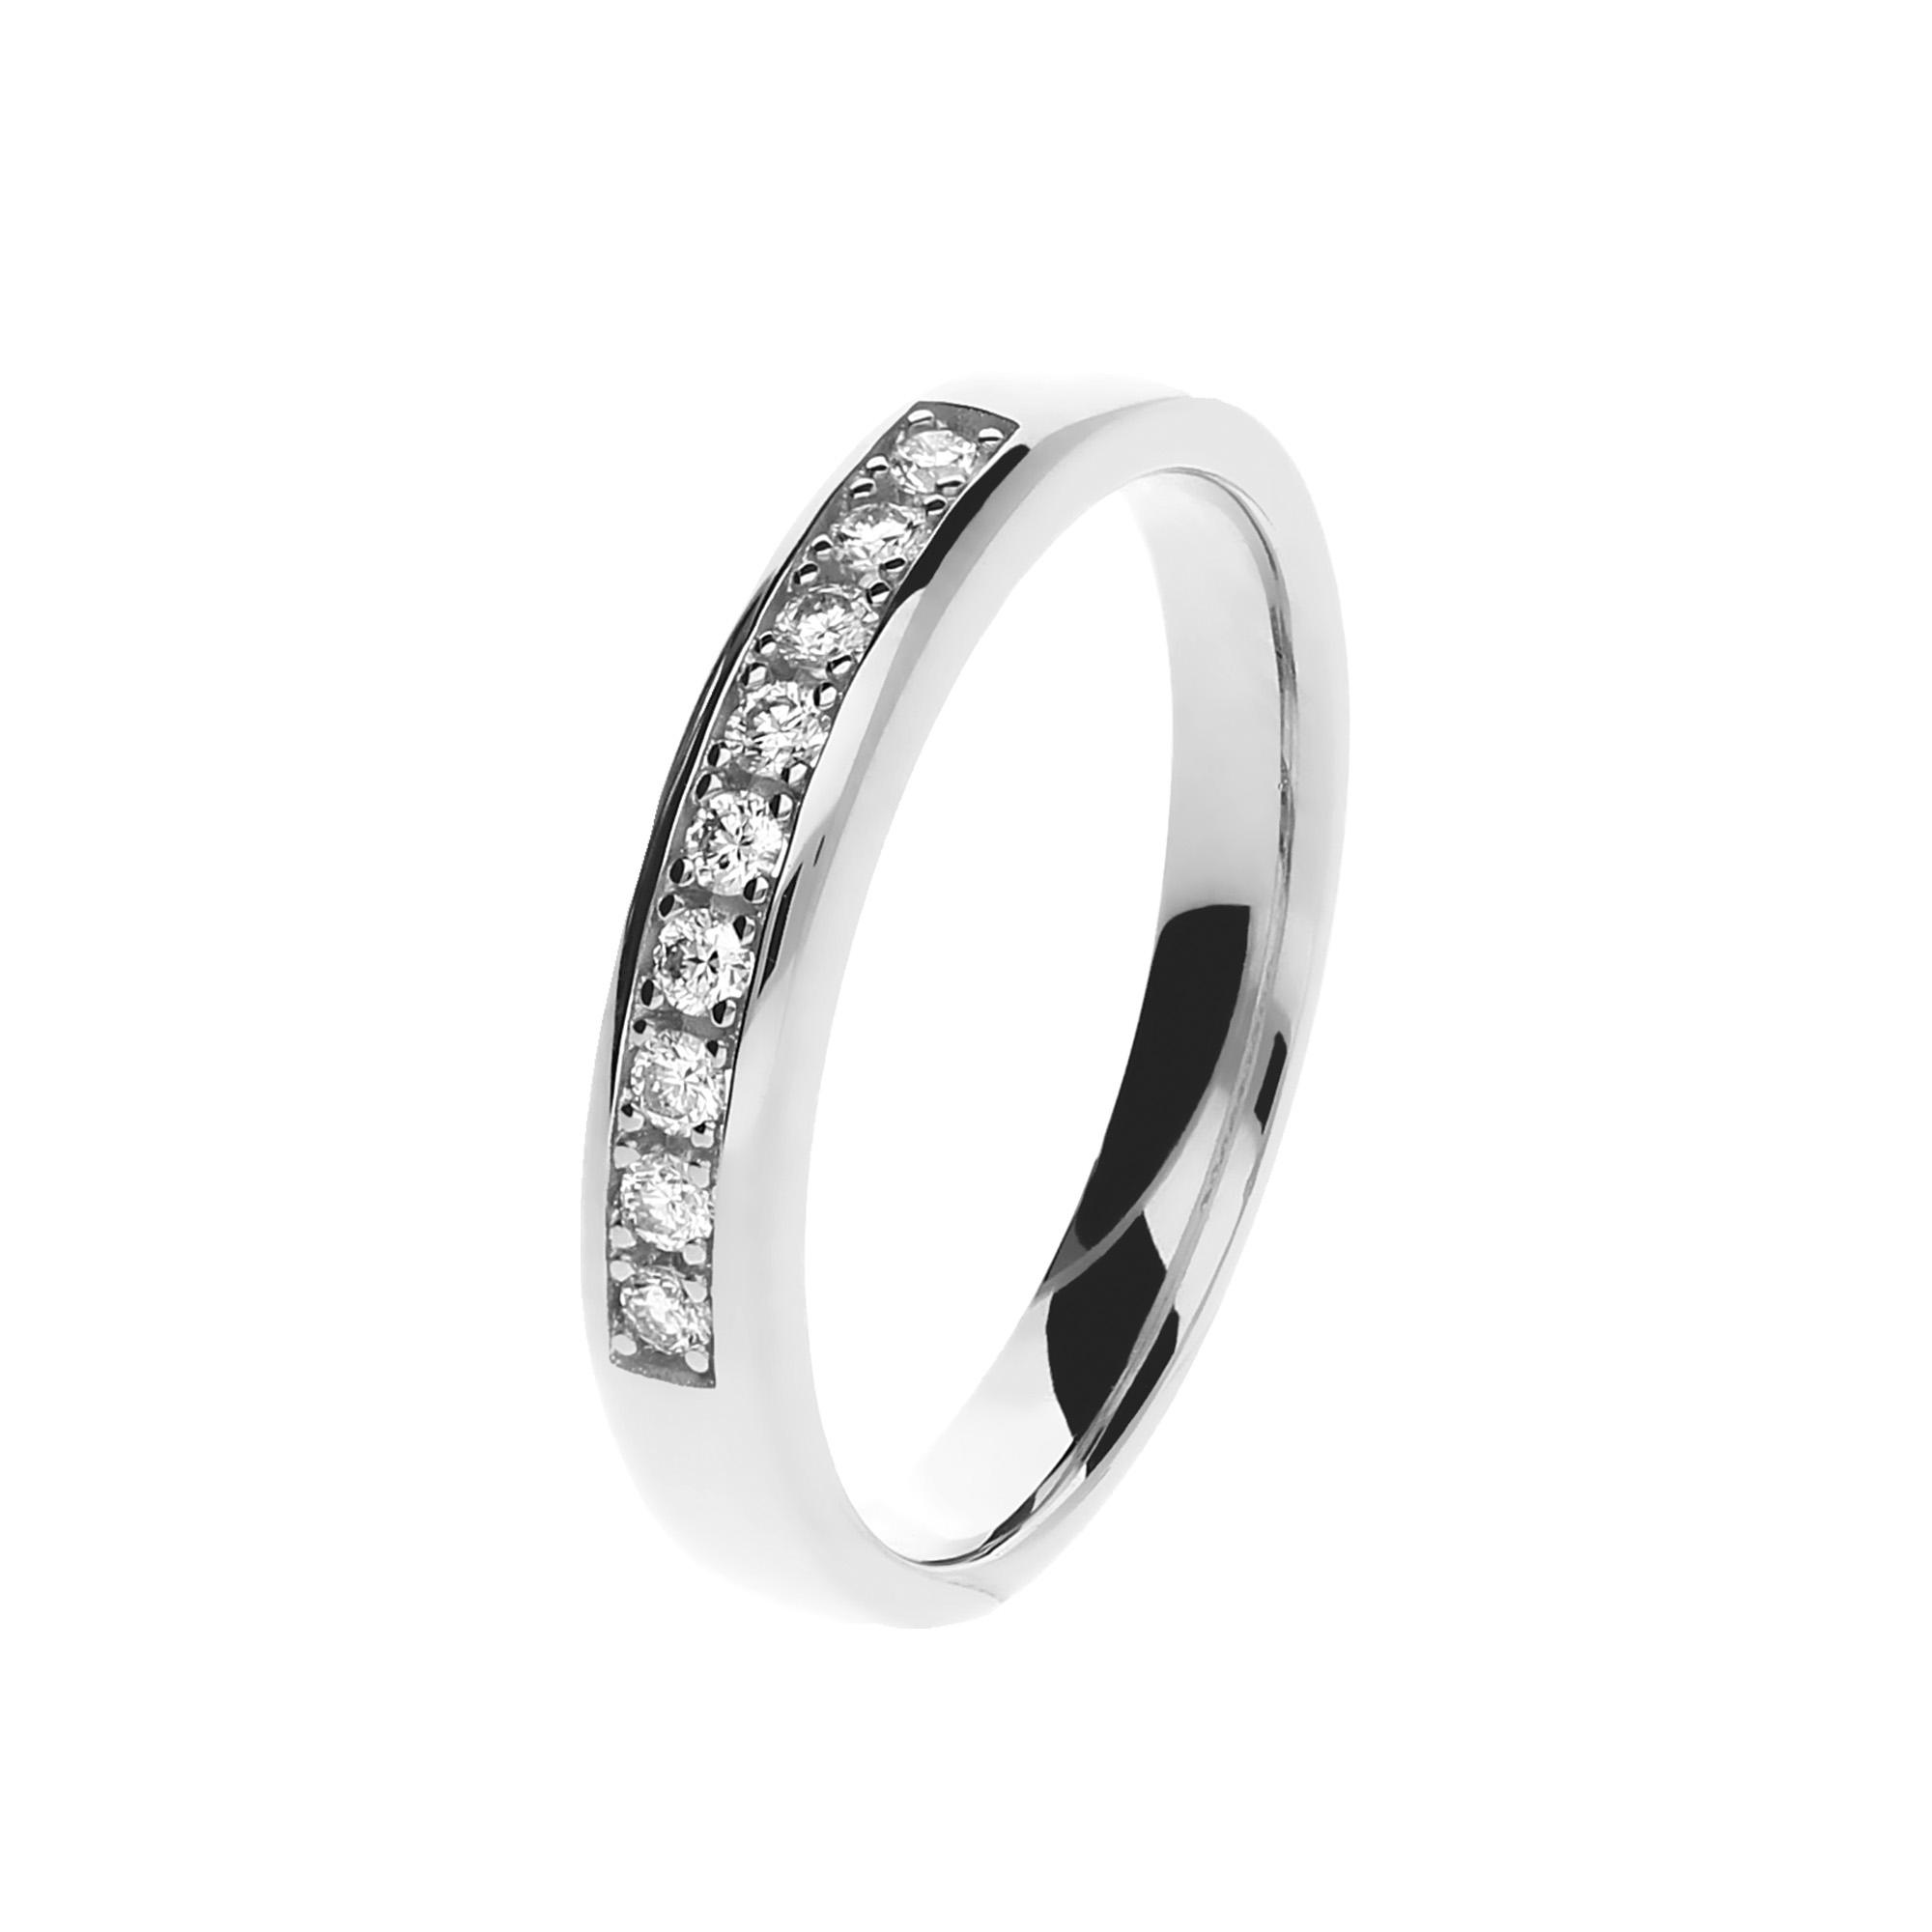 Juwelier Kraemer Ring Diamant 585 Gold Zus Ca 0 15 Ct 54 Mm